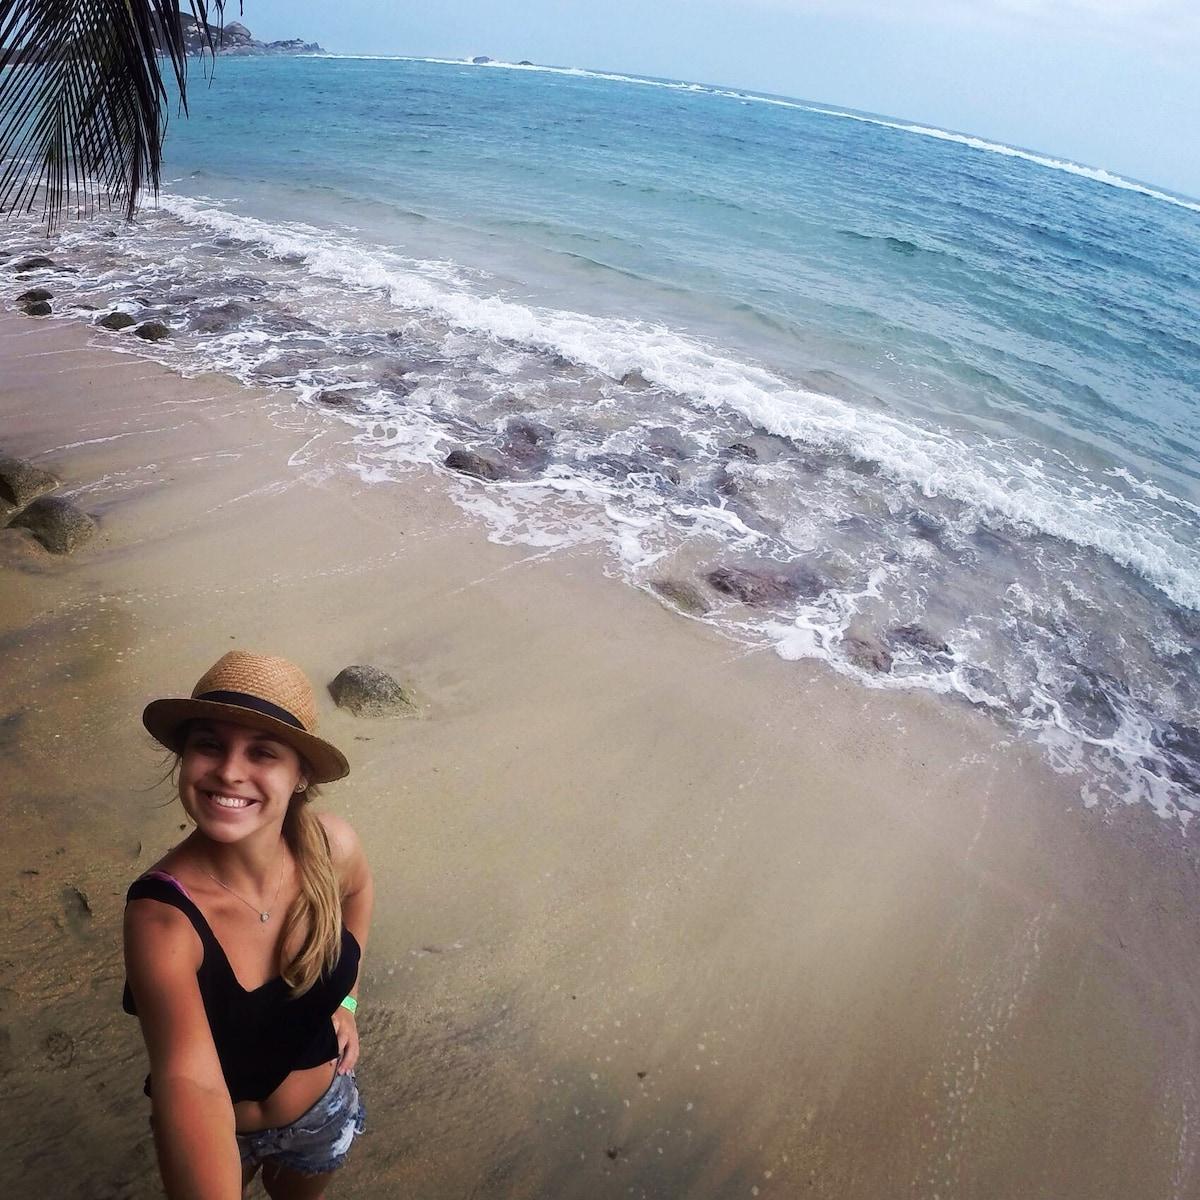 Carla from Rio de Janeiro